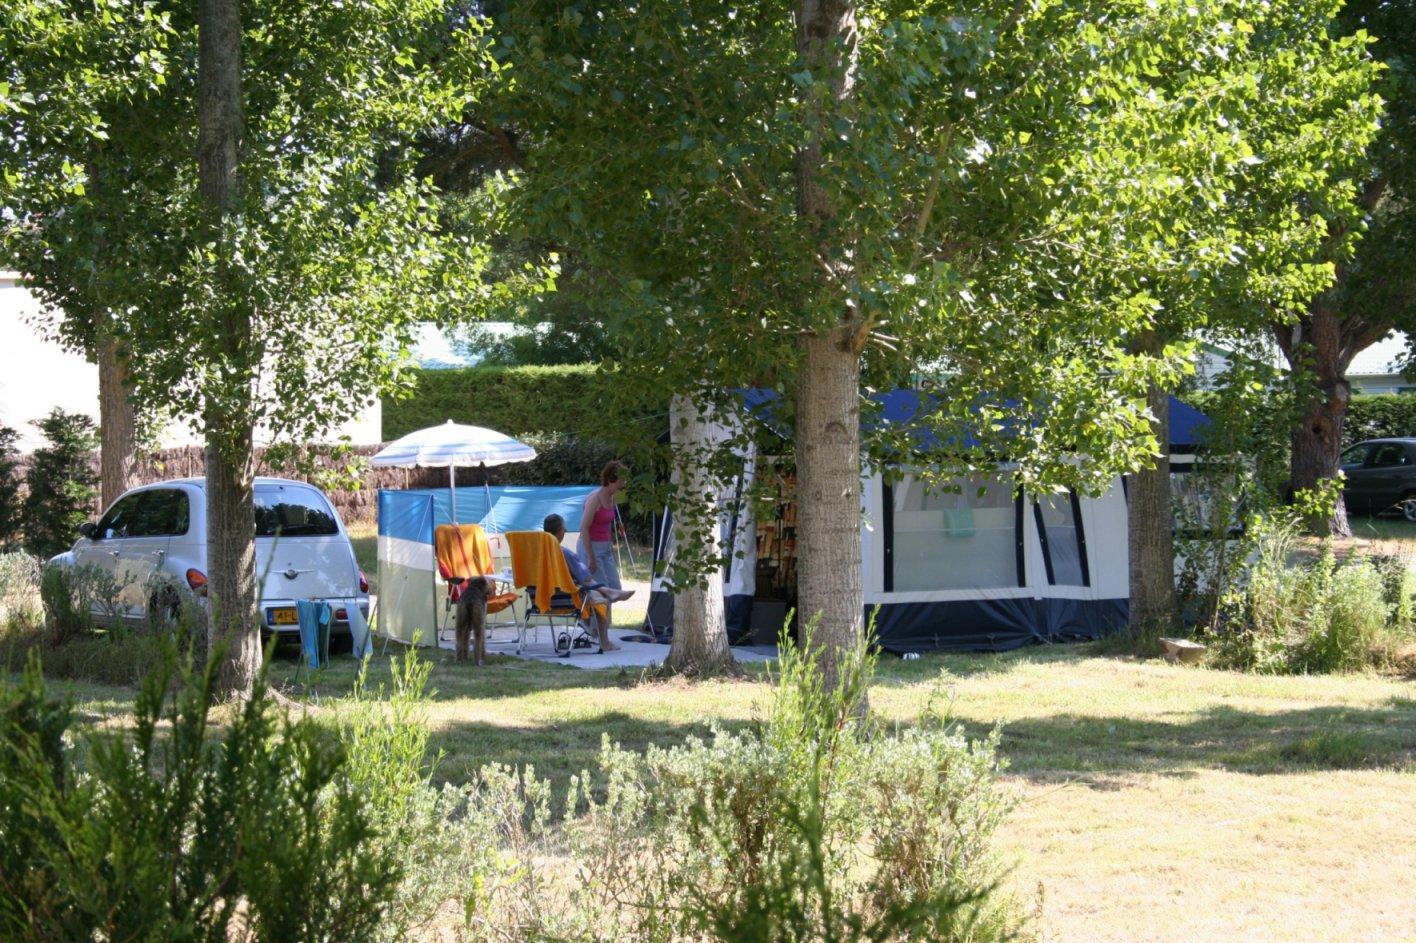 Emplacement - Emplacement Électricité À La Nuitée - Chadotel Camping La Trevillière